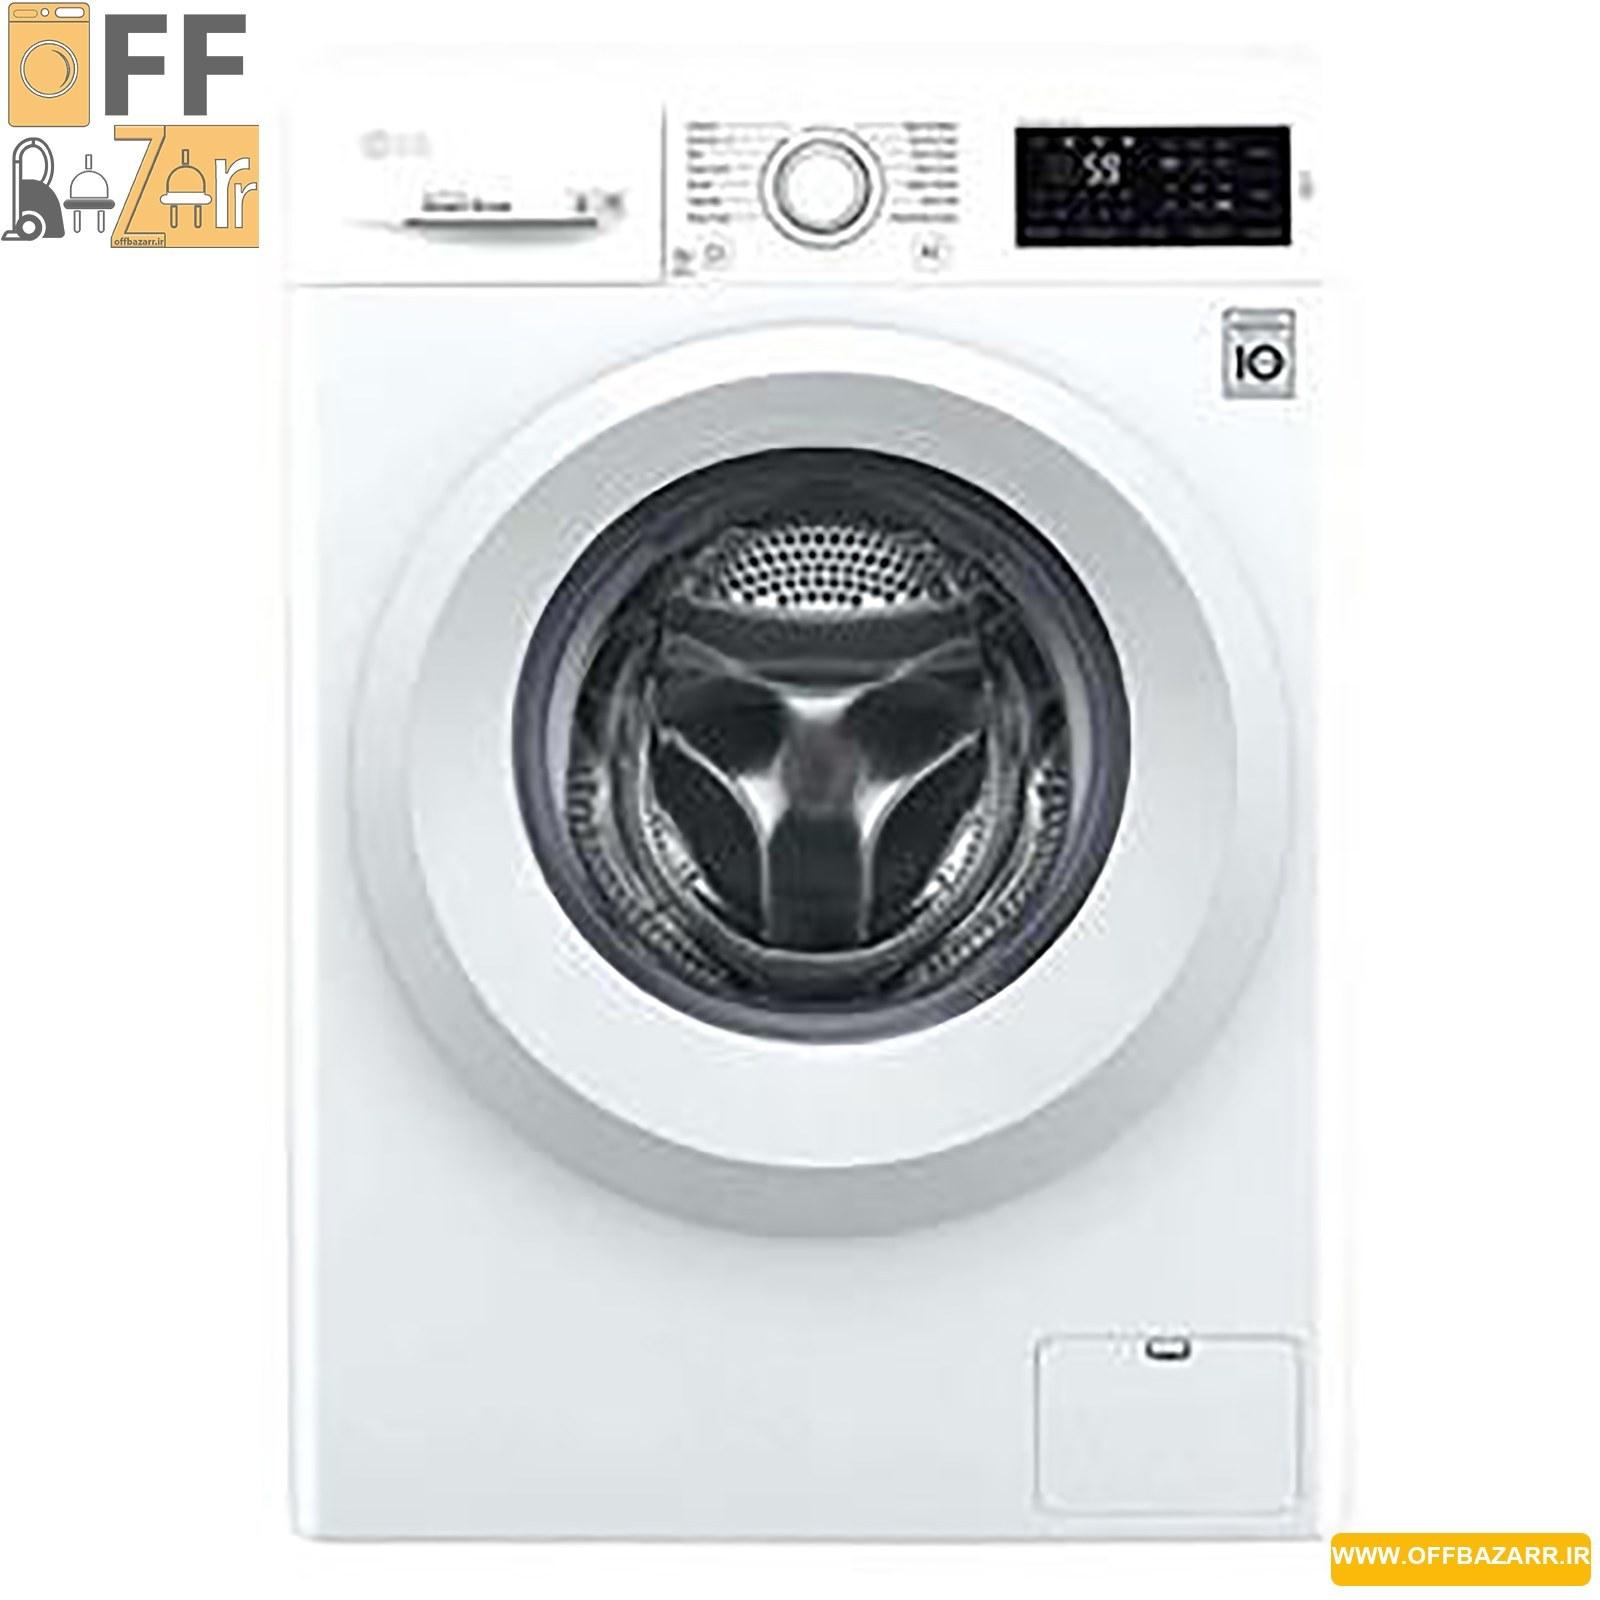 main images ماشین لباسشویی ال جی مدل WM-821NW LG WM-821NW Washing Machine